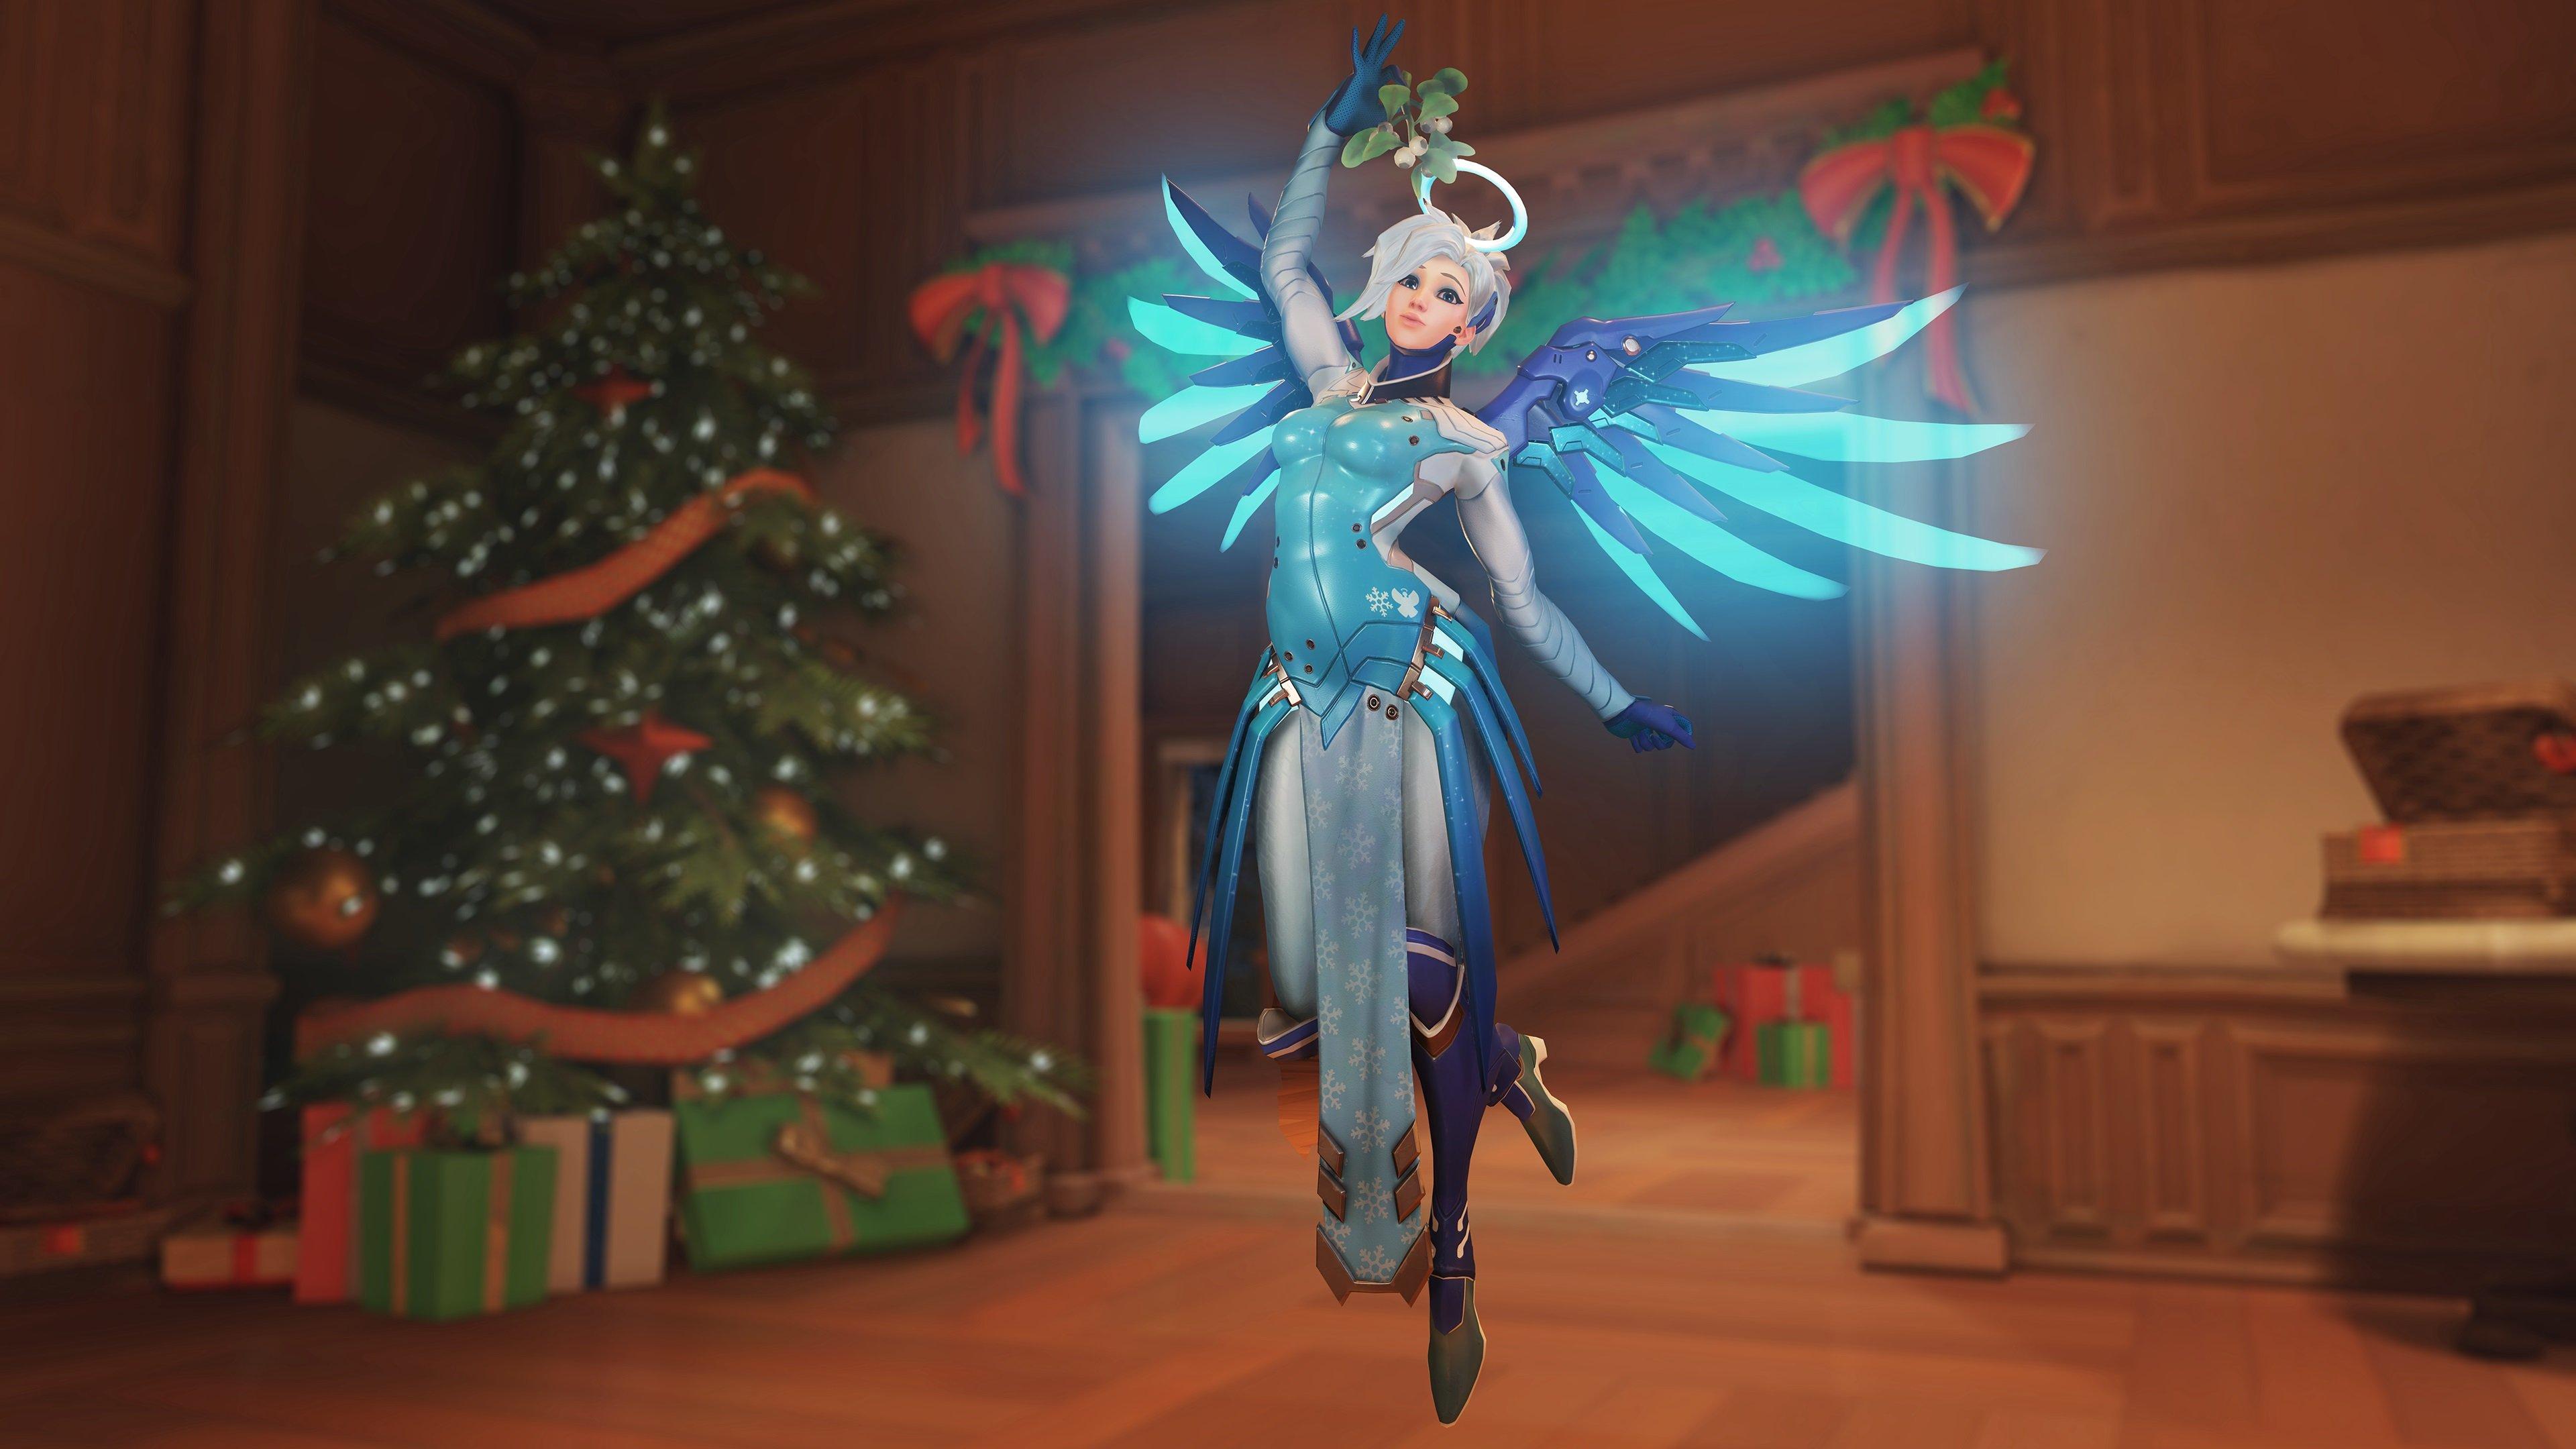 Overwatch - Snow Angel Mercy